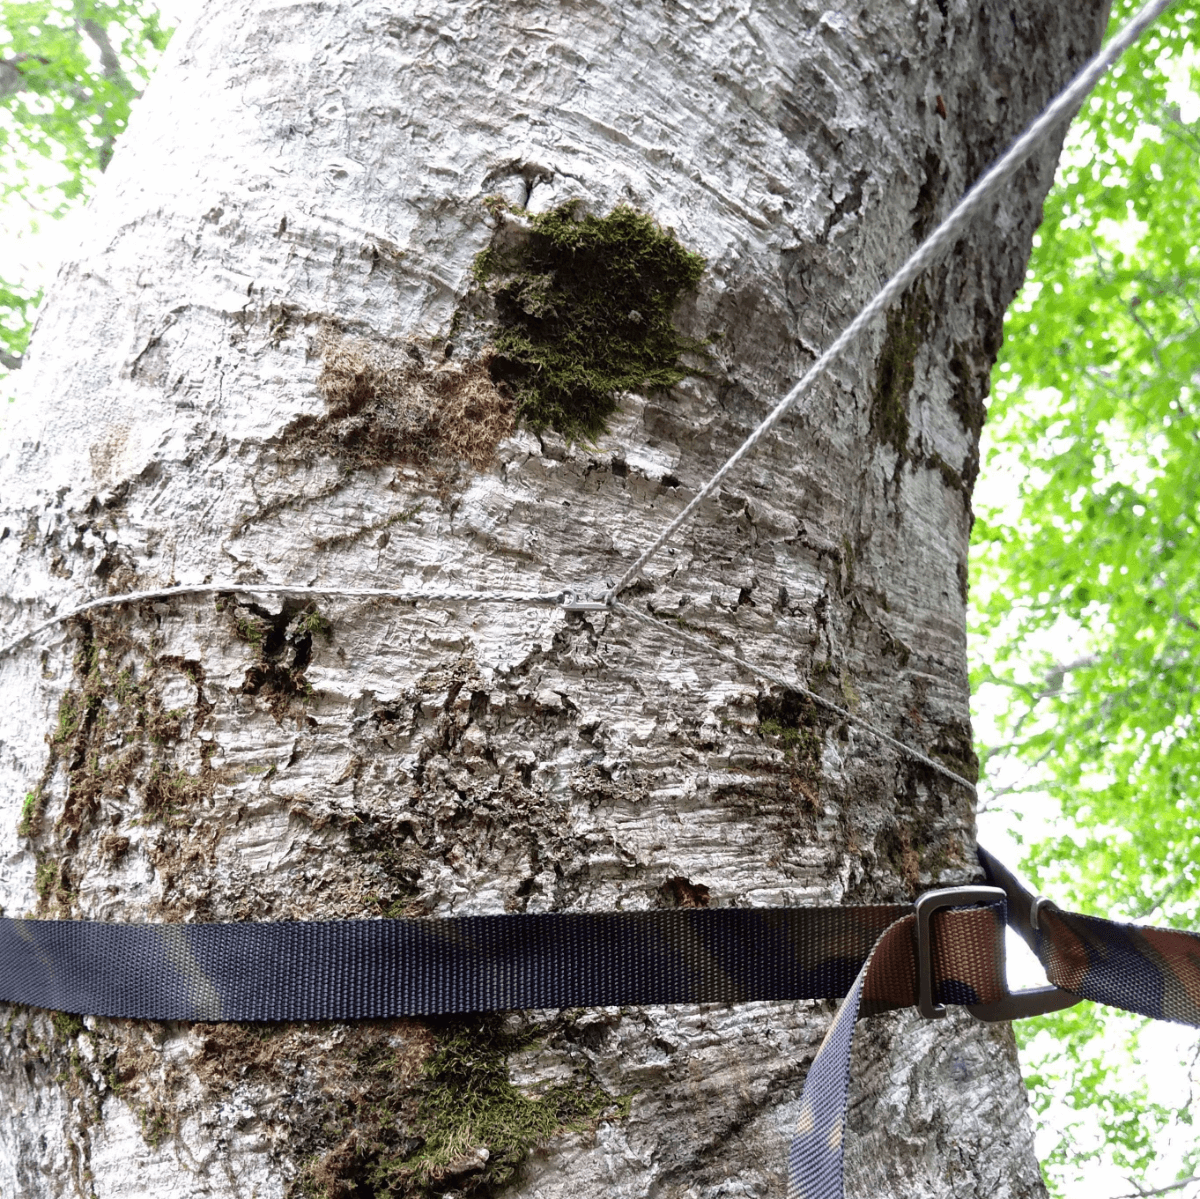 ダッチフックを木側の寄せてロープを締める